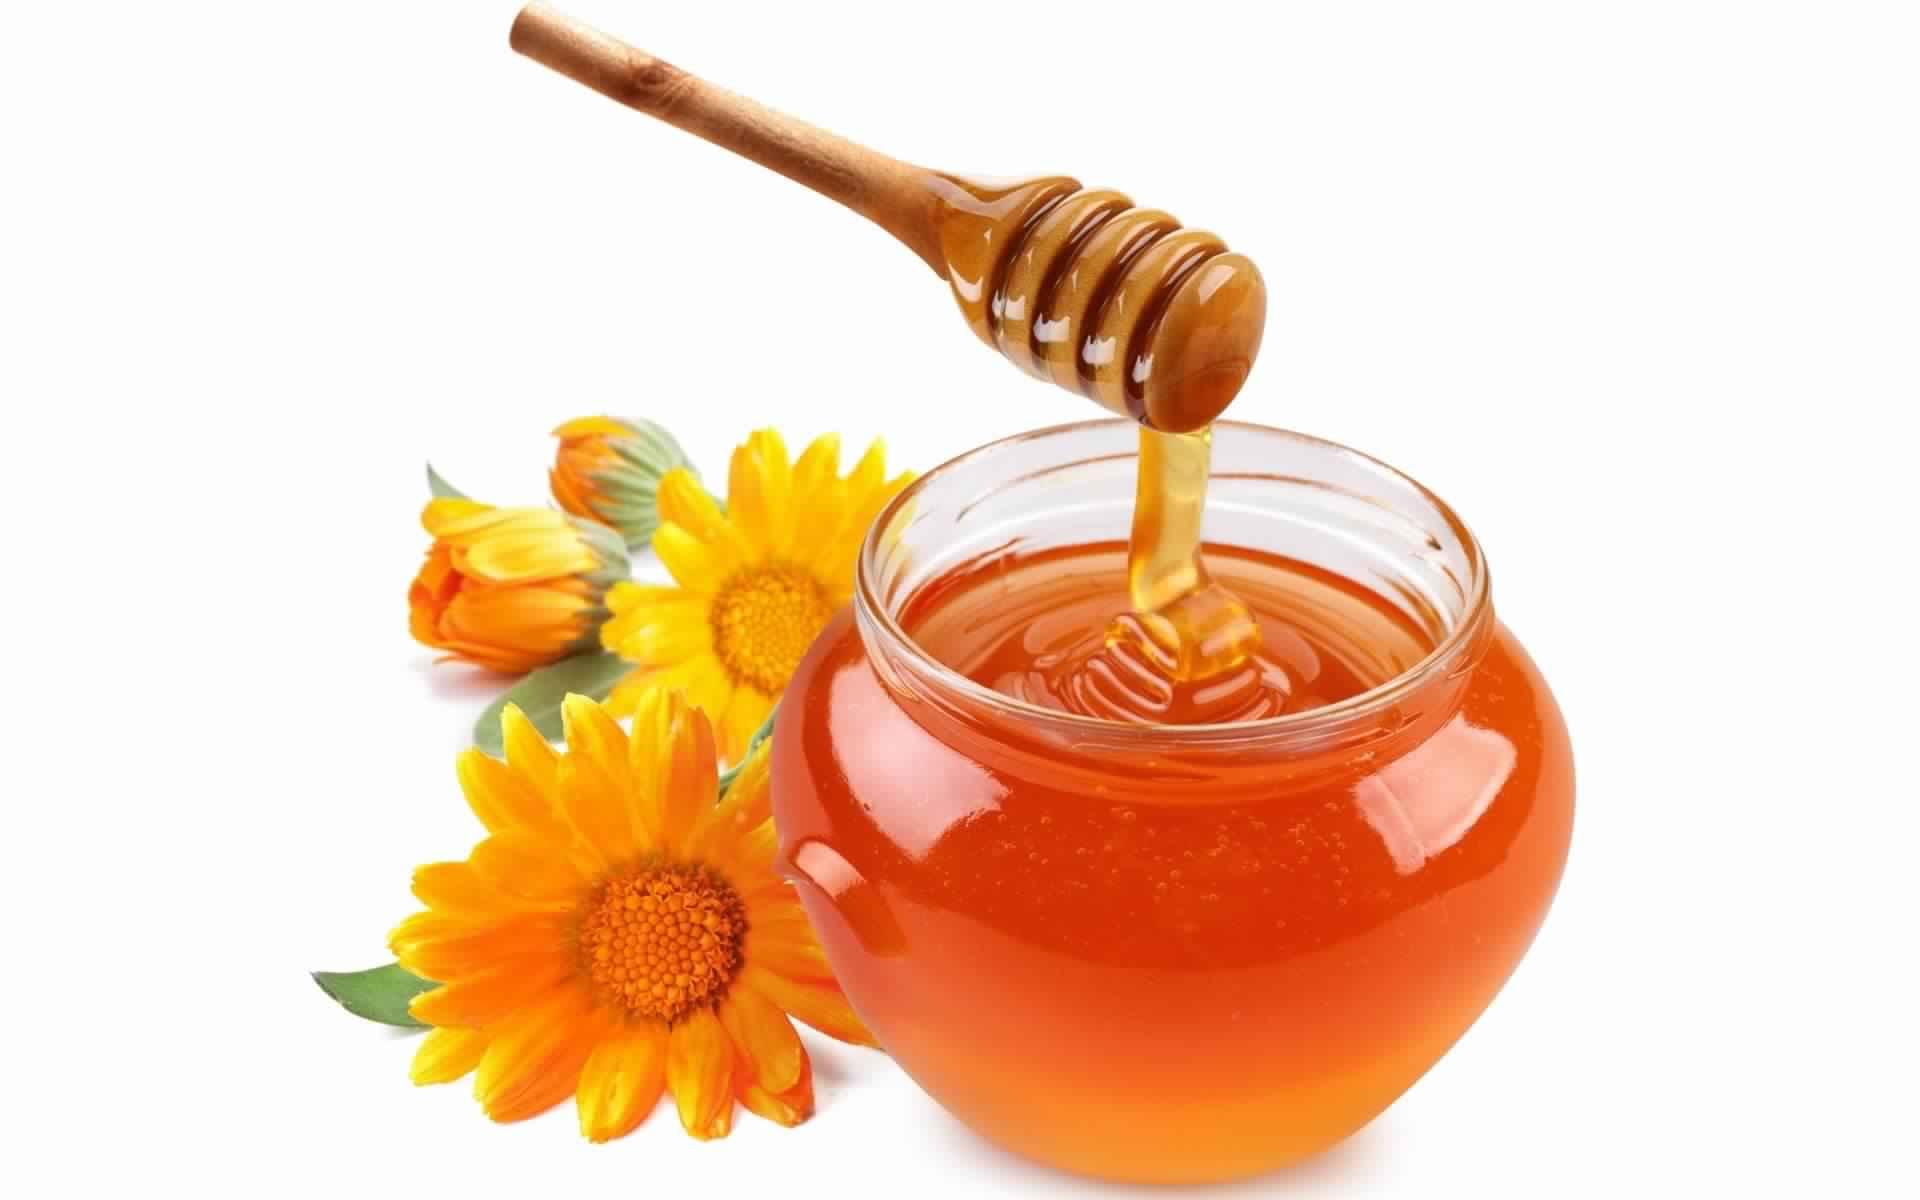 ما هي أهم فوائد العسل الصحية